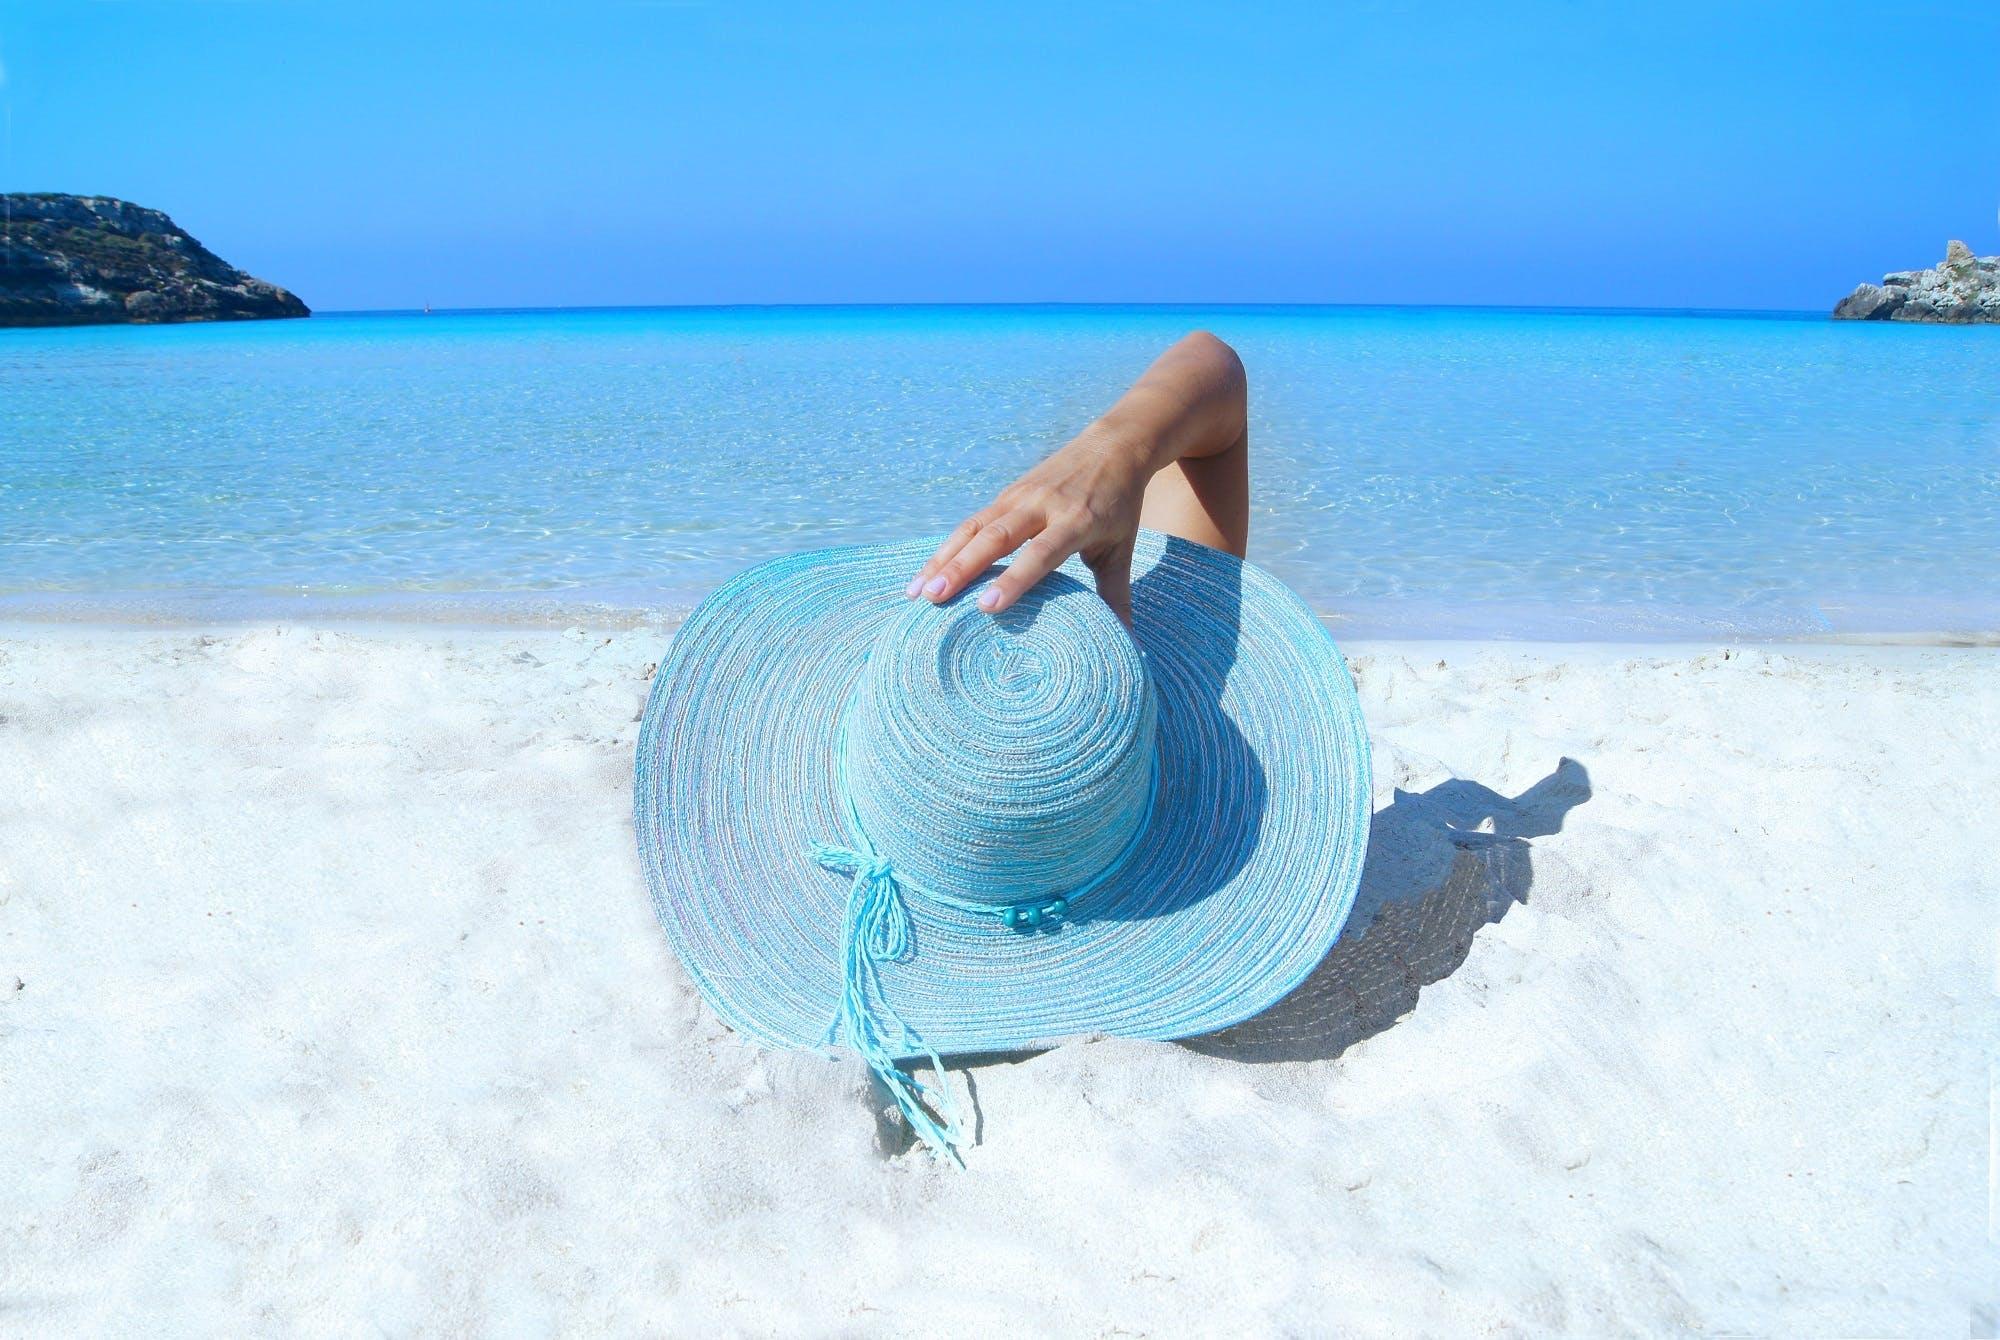 Kostnadsfri bild av blå, hand, hatt, hav